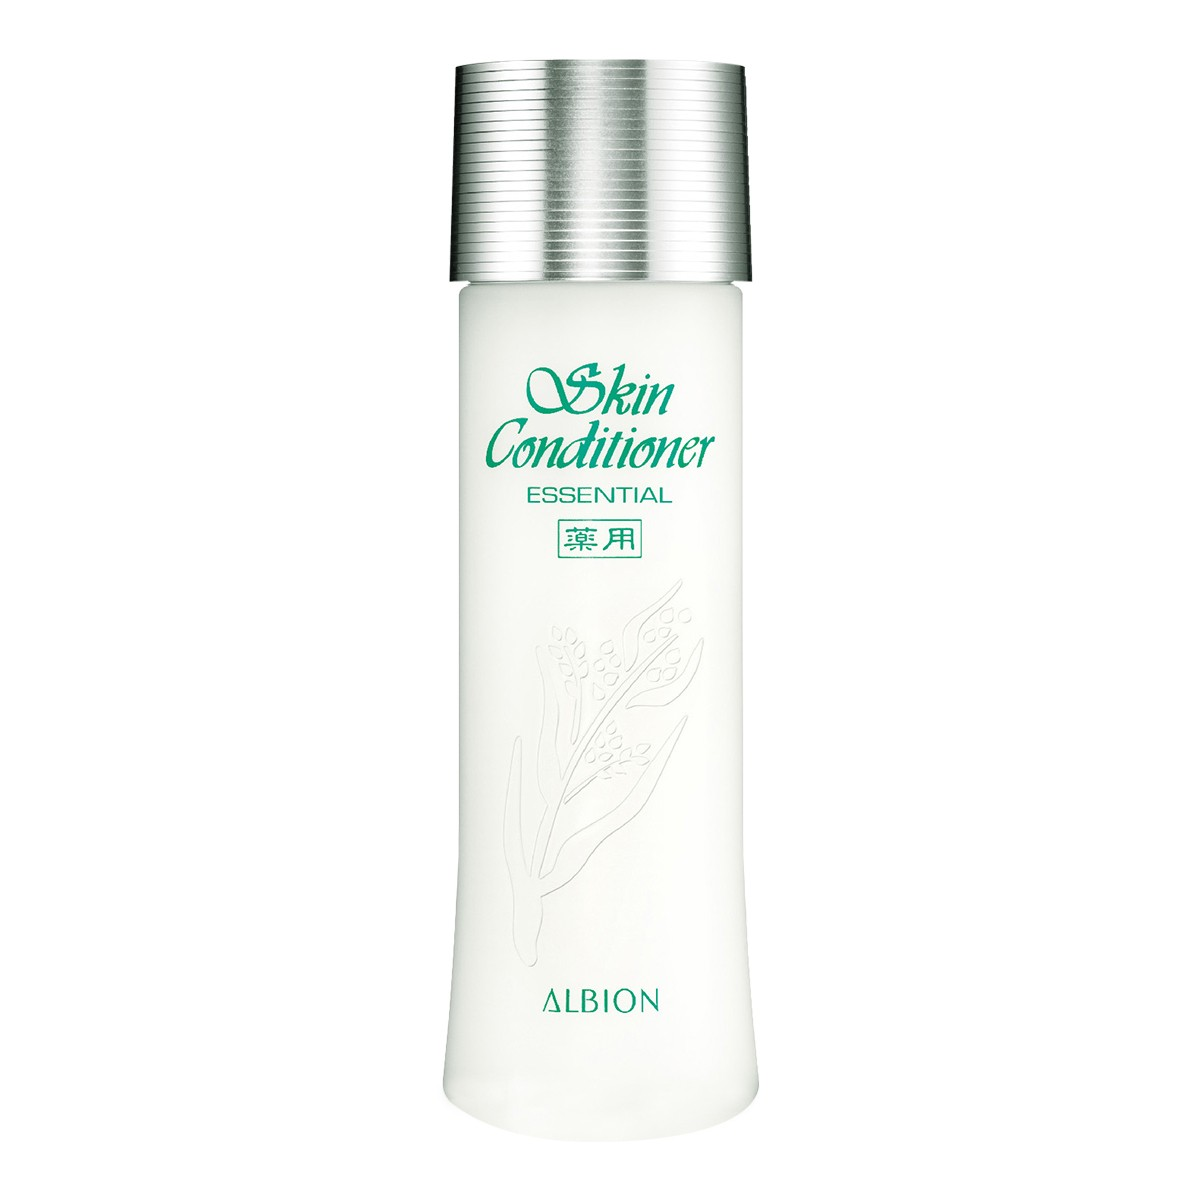 ALBION Skin Conditioner Essential 165ml